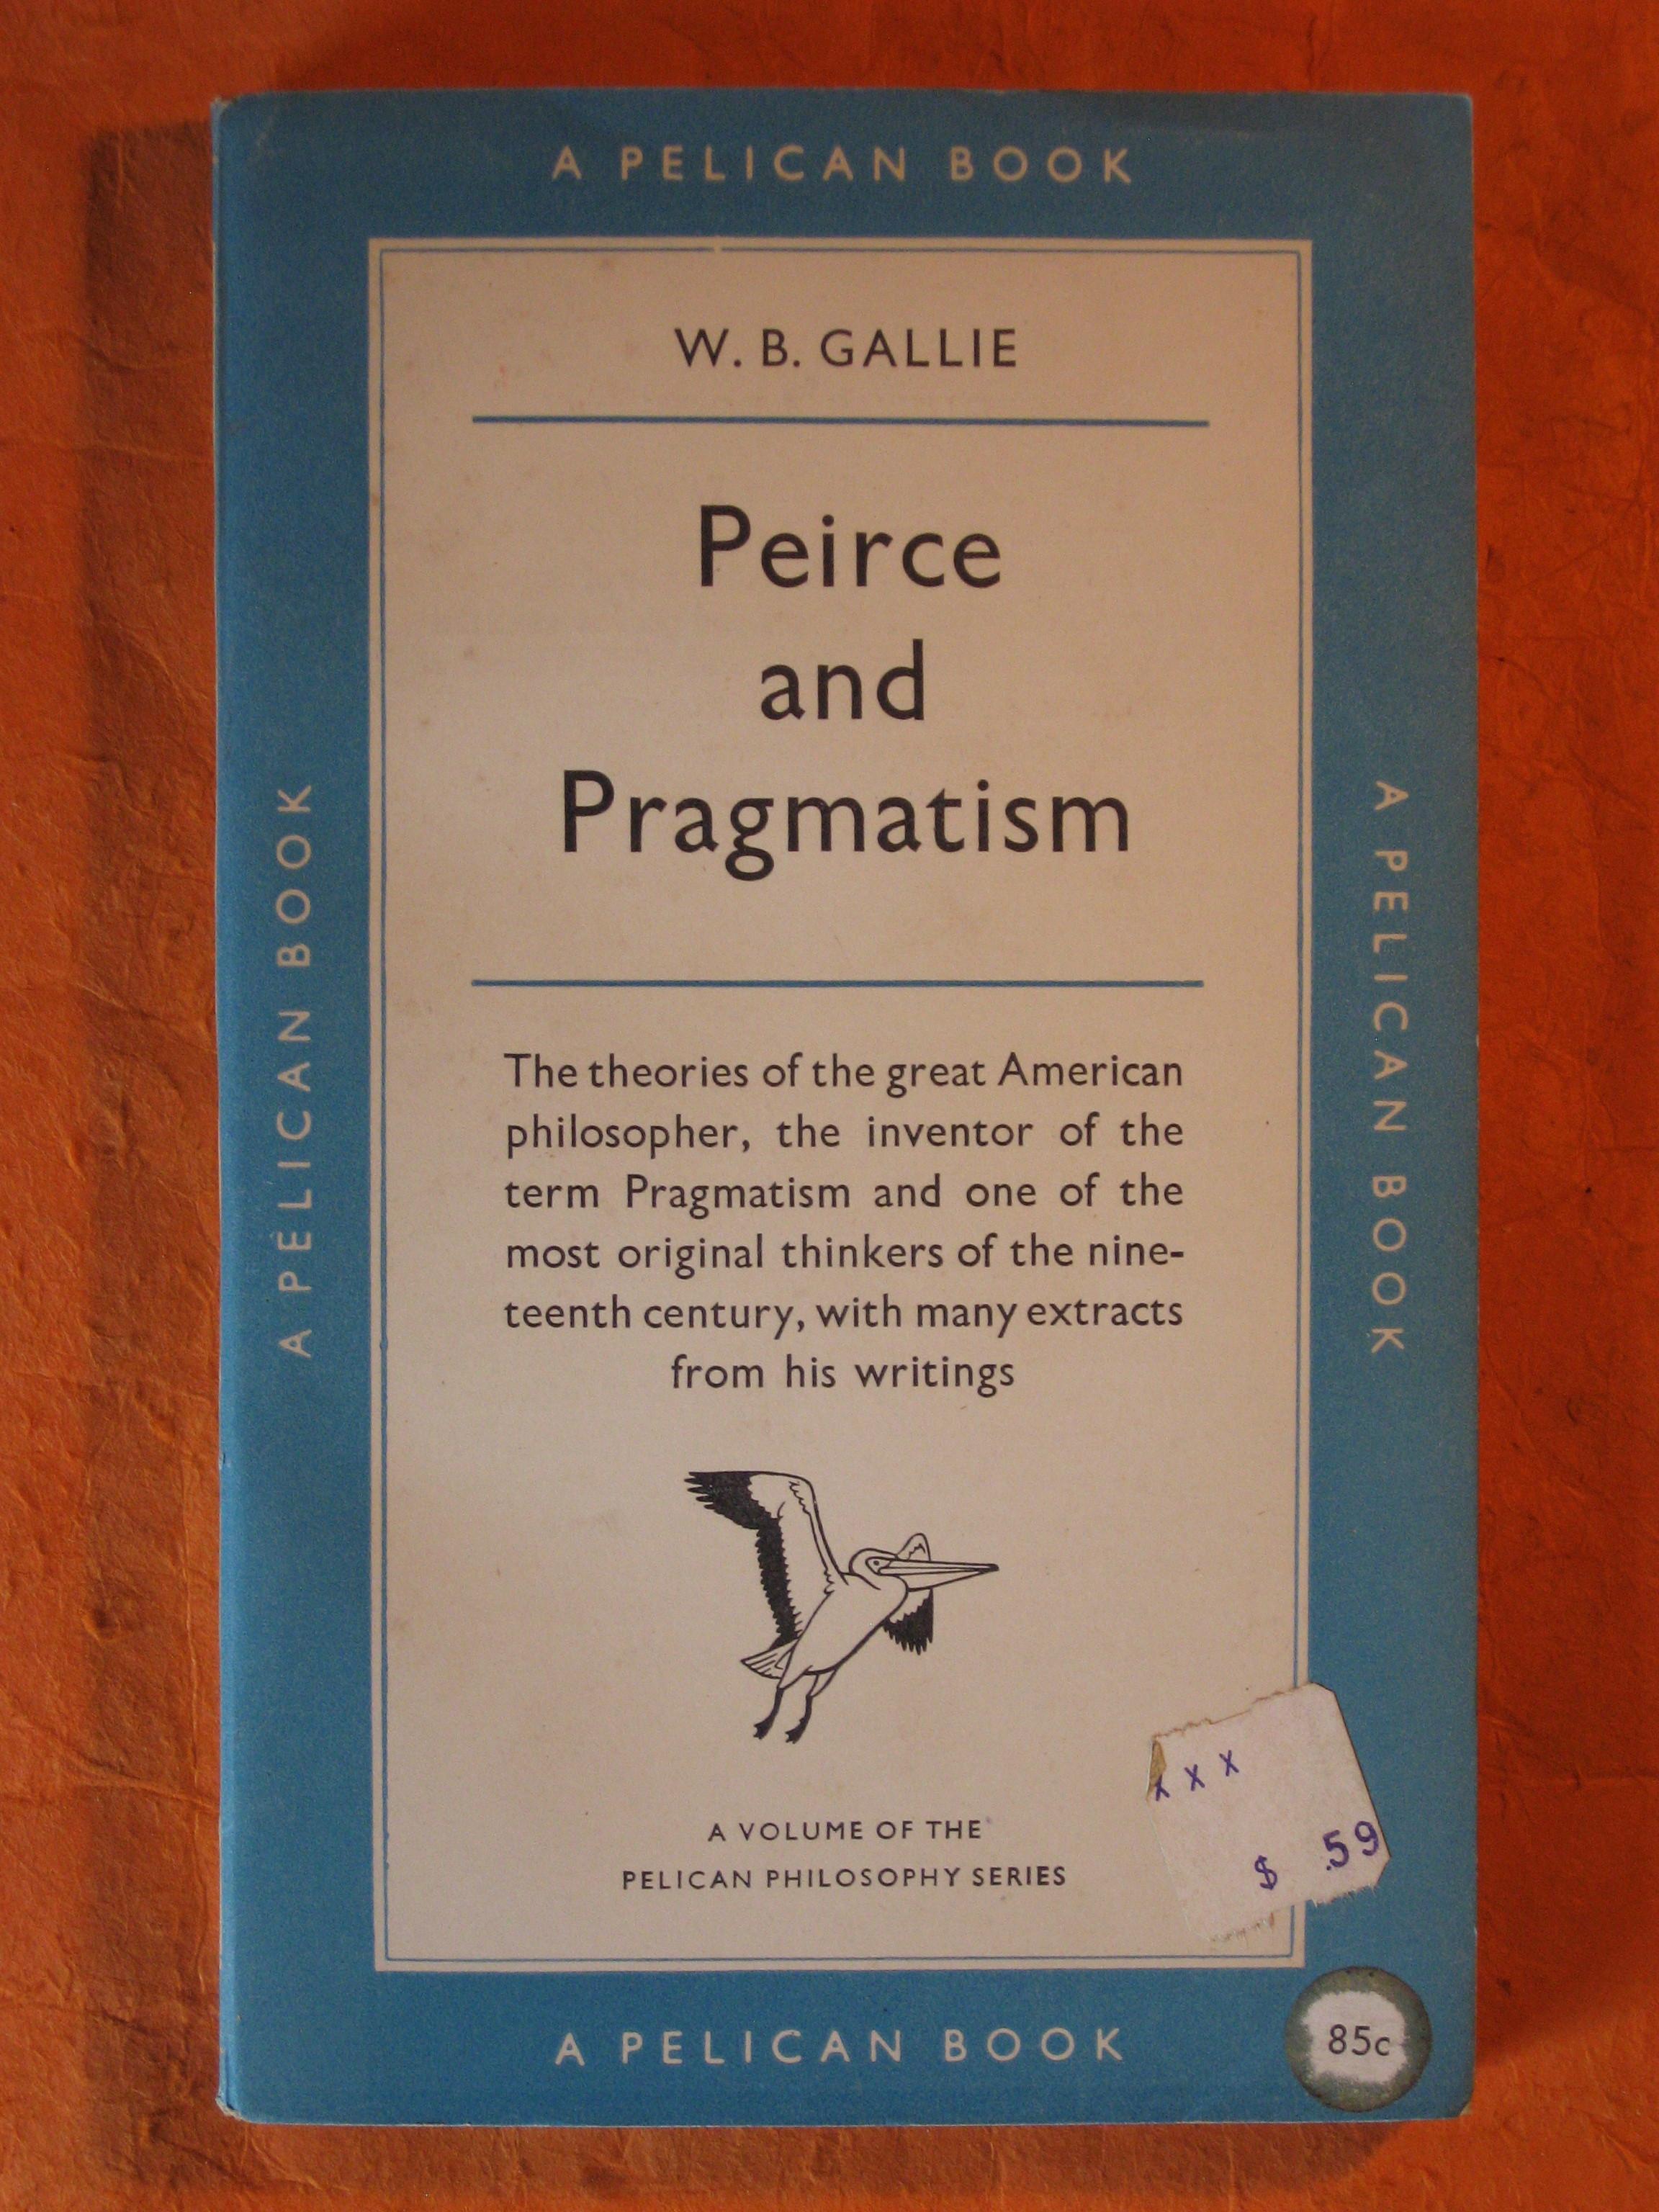 Peirce and Pragmatism